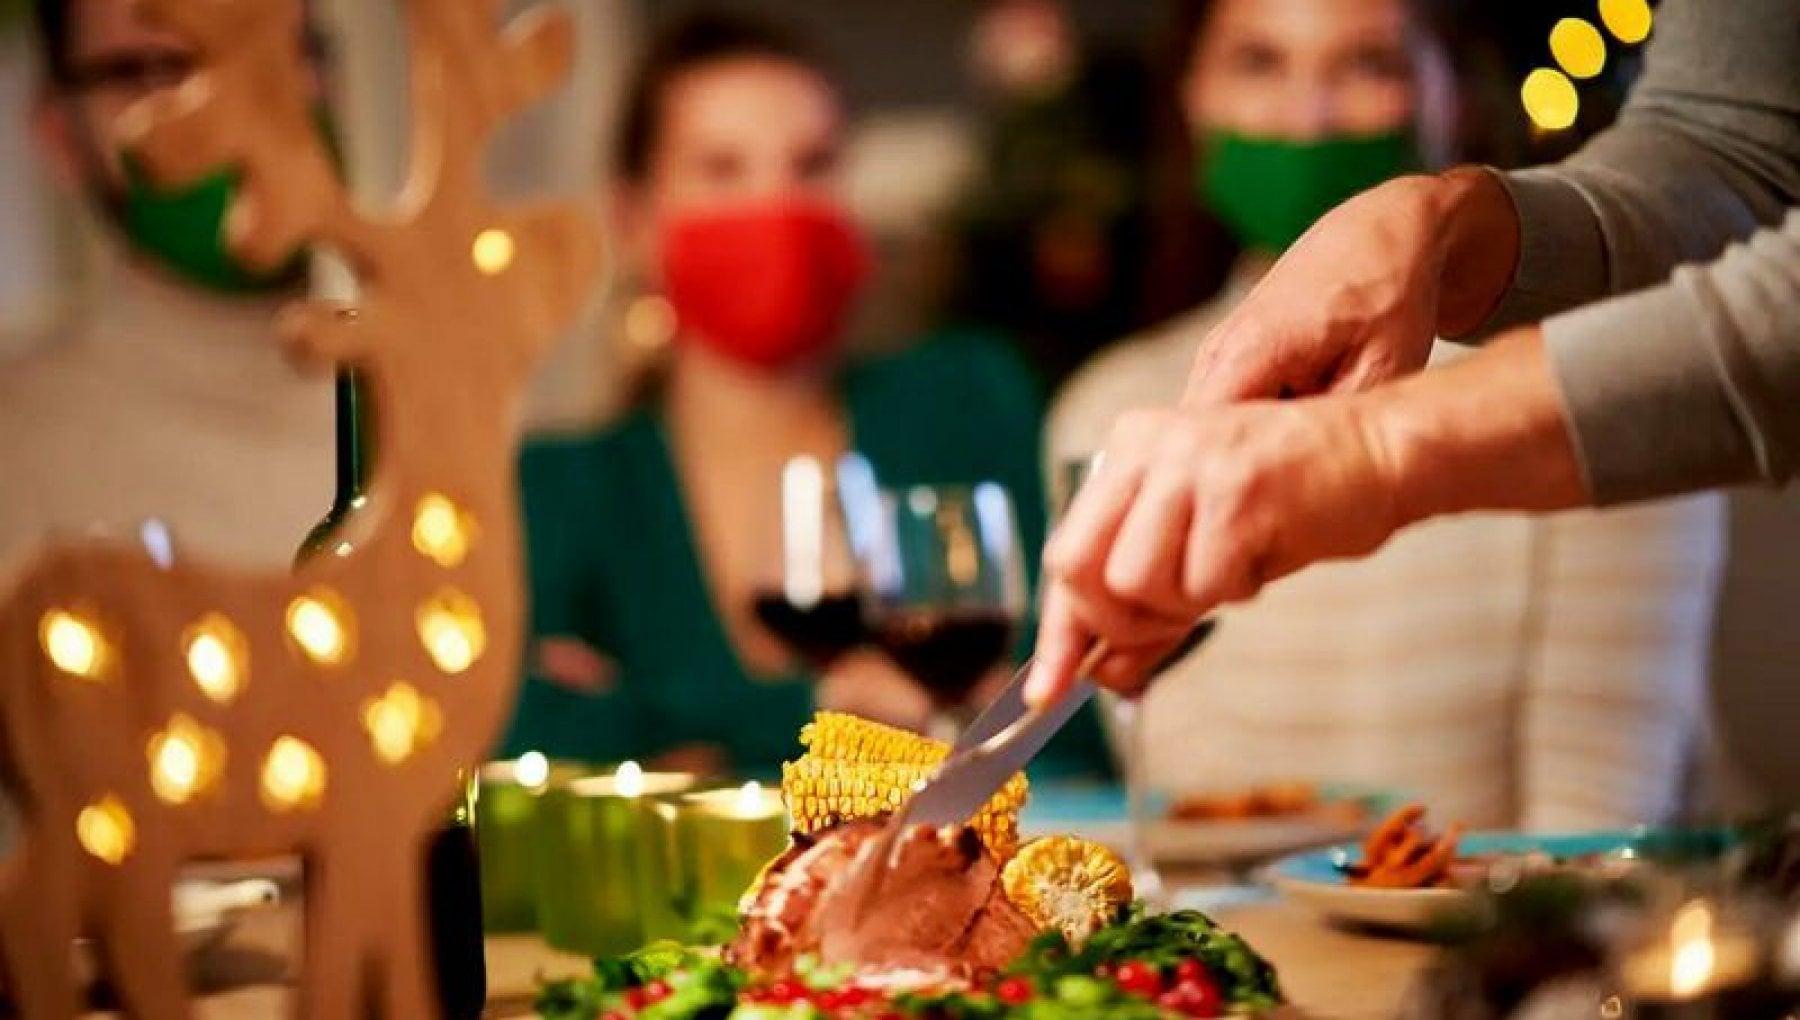 A Natale e Capodanno boom di acquisti alimentari salgono del 20 nonostante i giorni rossi